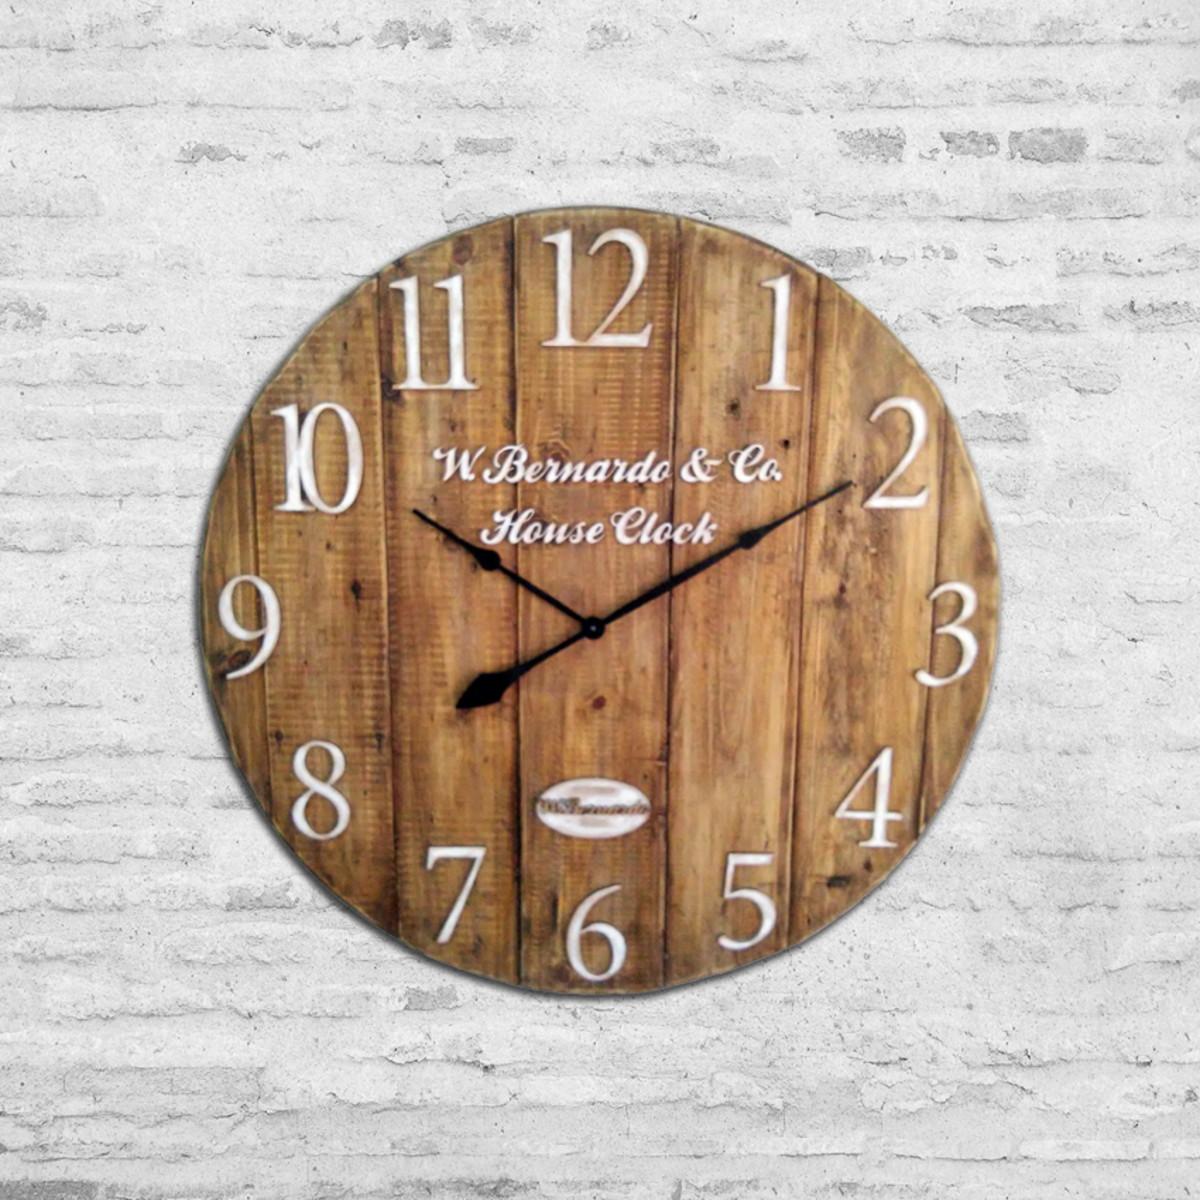 bdc67937916 Relógio de Parede em Madeira Artesanal Grande 75cm no Elo7